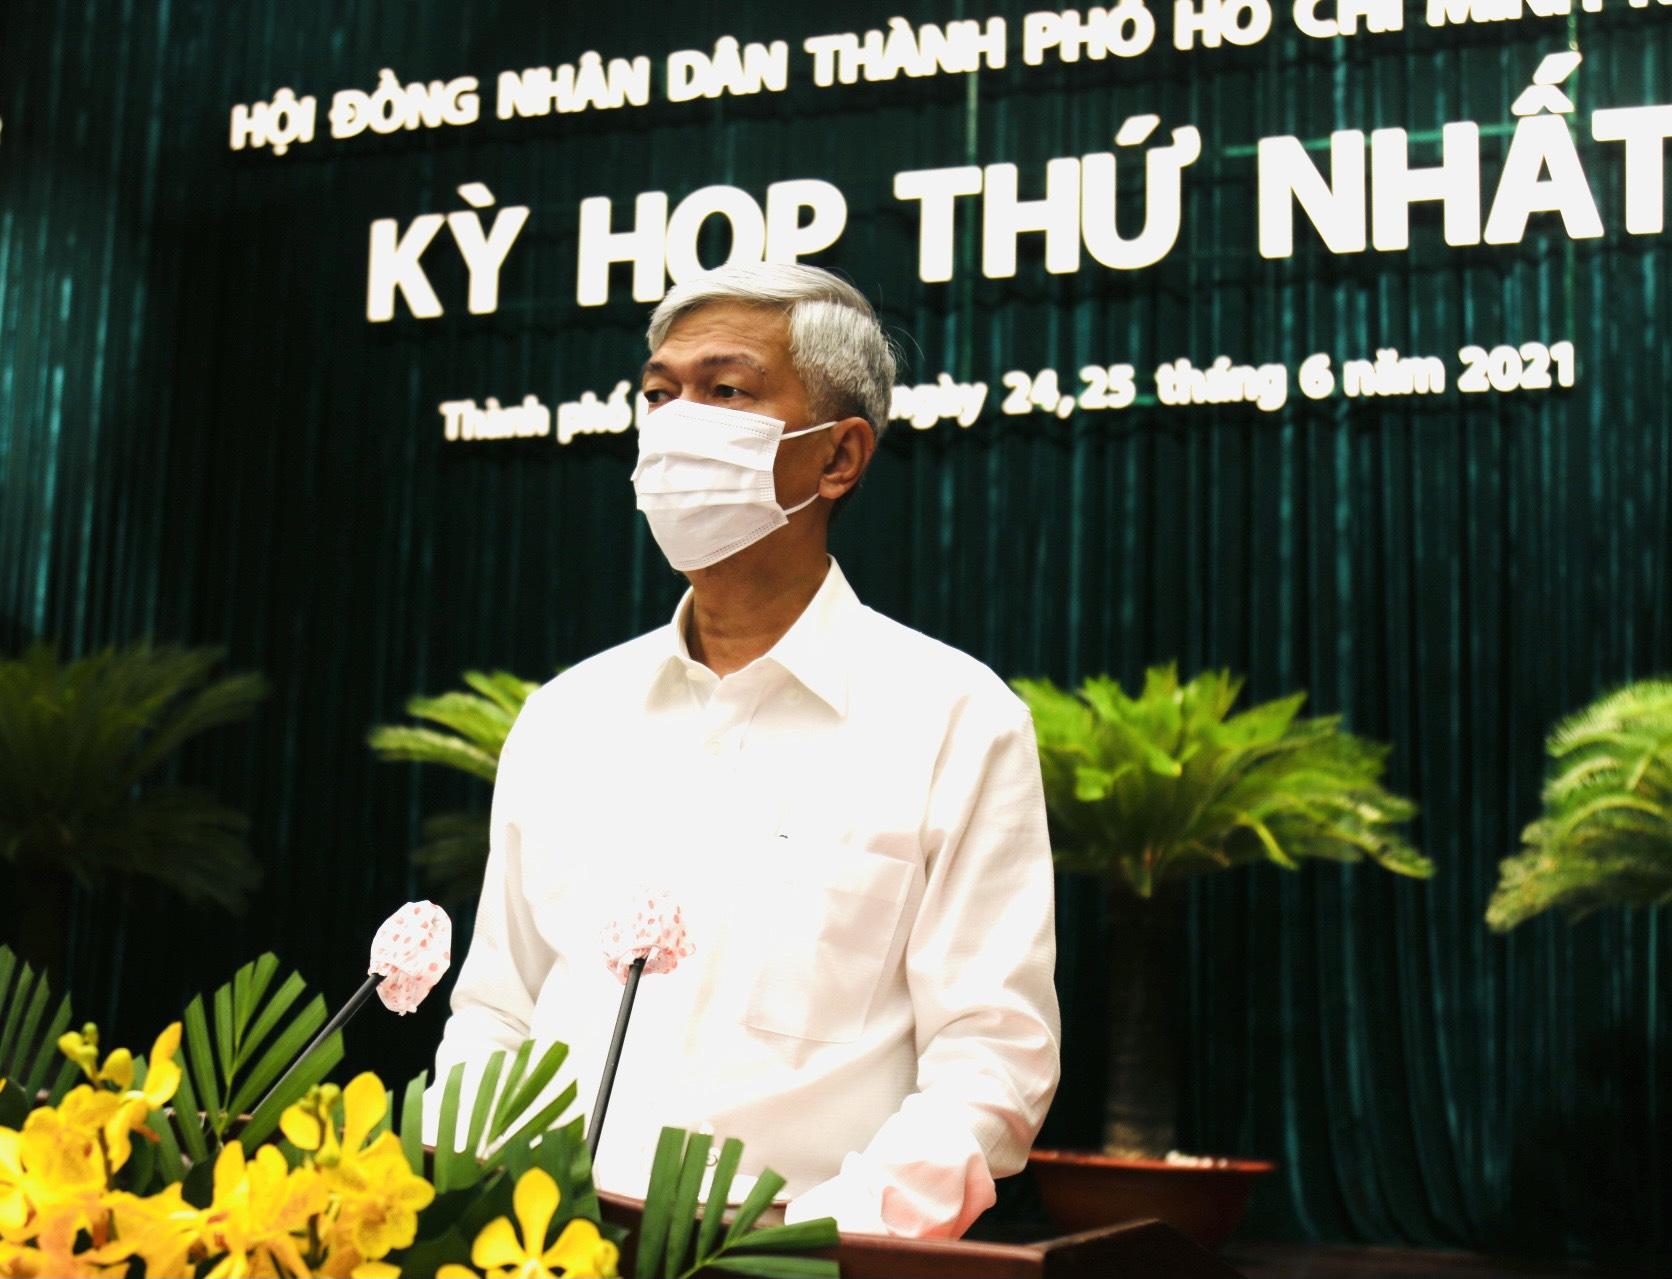 Phó chủ tịch UBND TPHCM Võ Văn Hoan thông qua các tờ trình của UBND thành phố tại kỳ họp